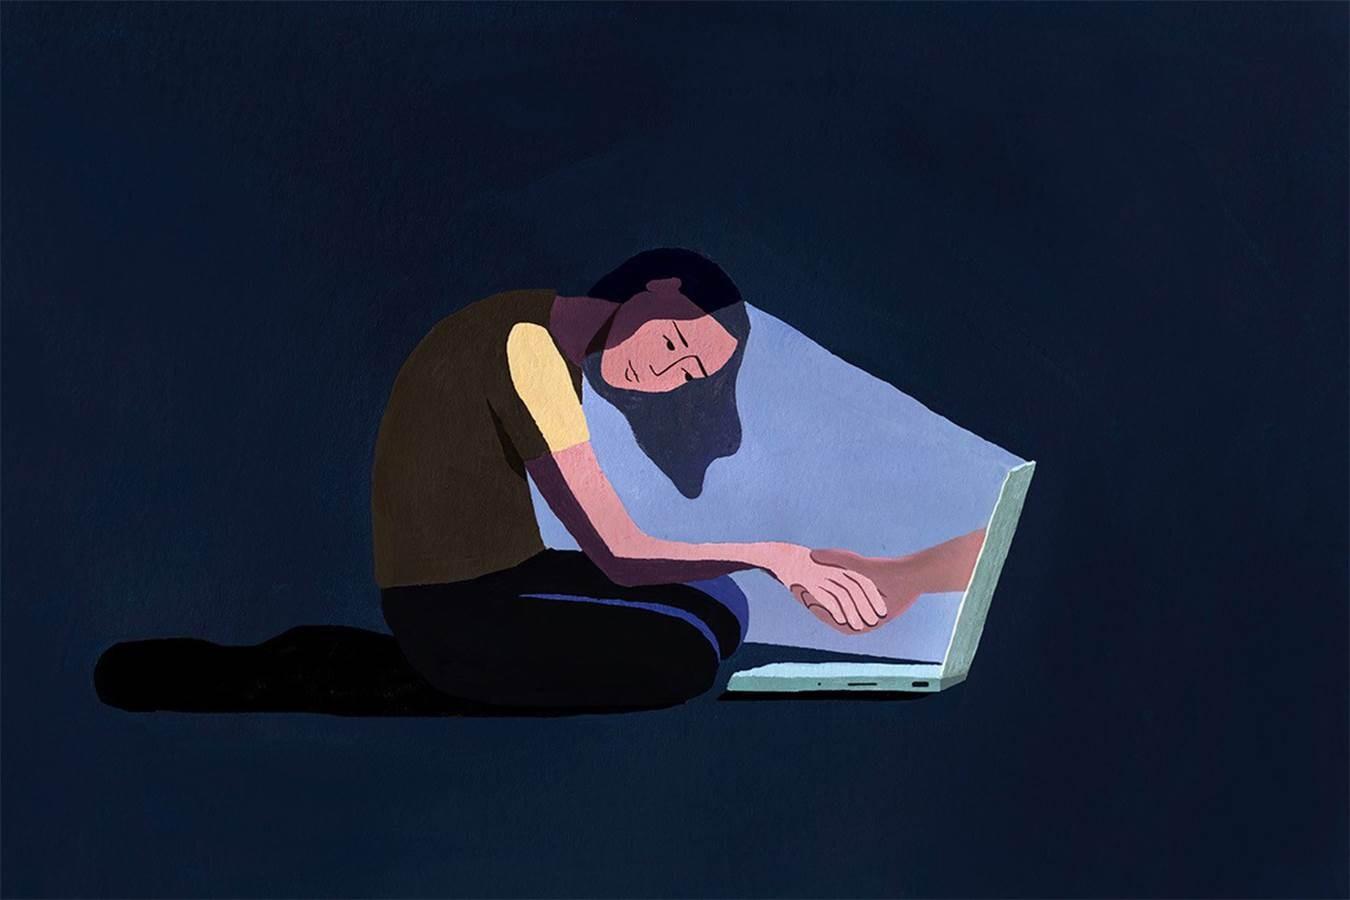 10 تشرين الأول/ أكتوبر هو اليوم العالمي للصحة النفسية